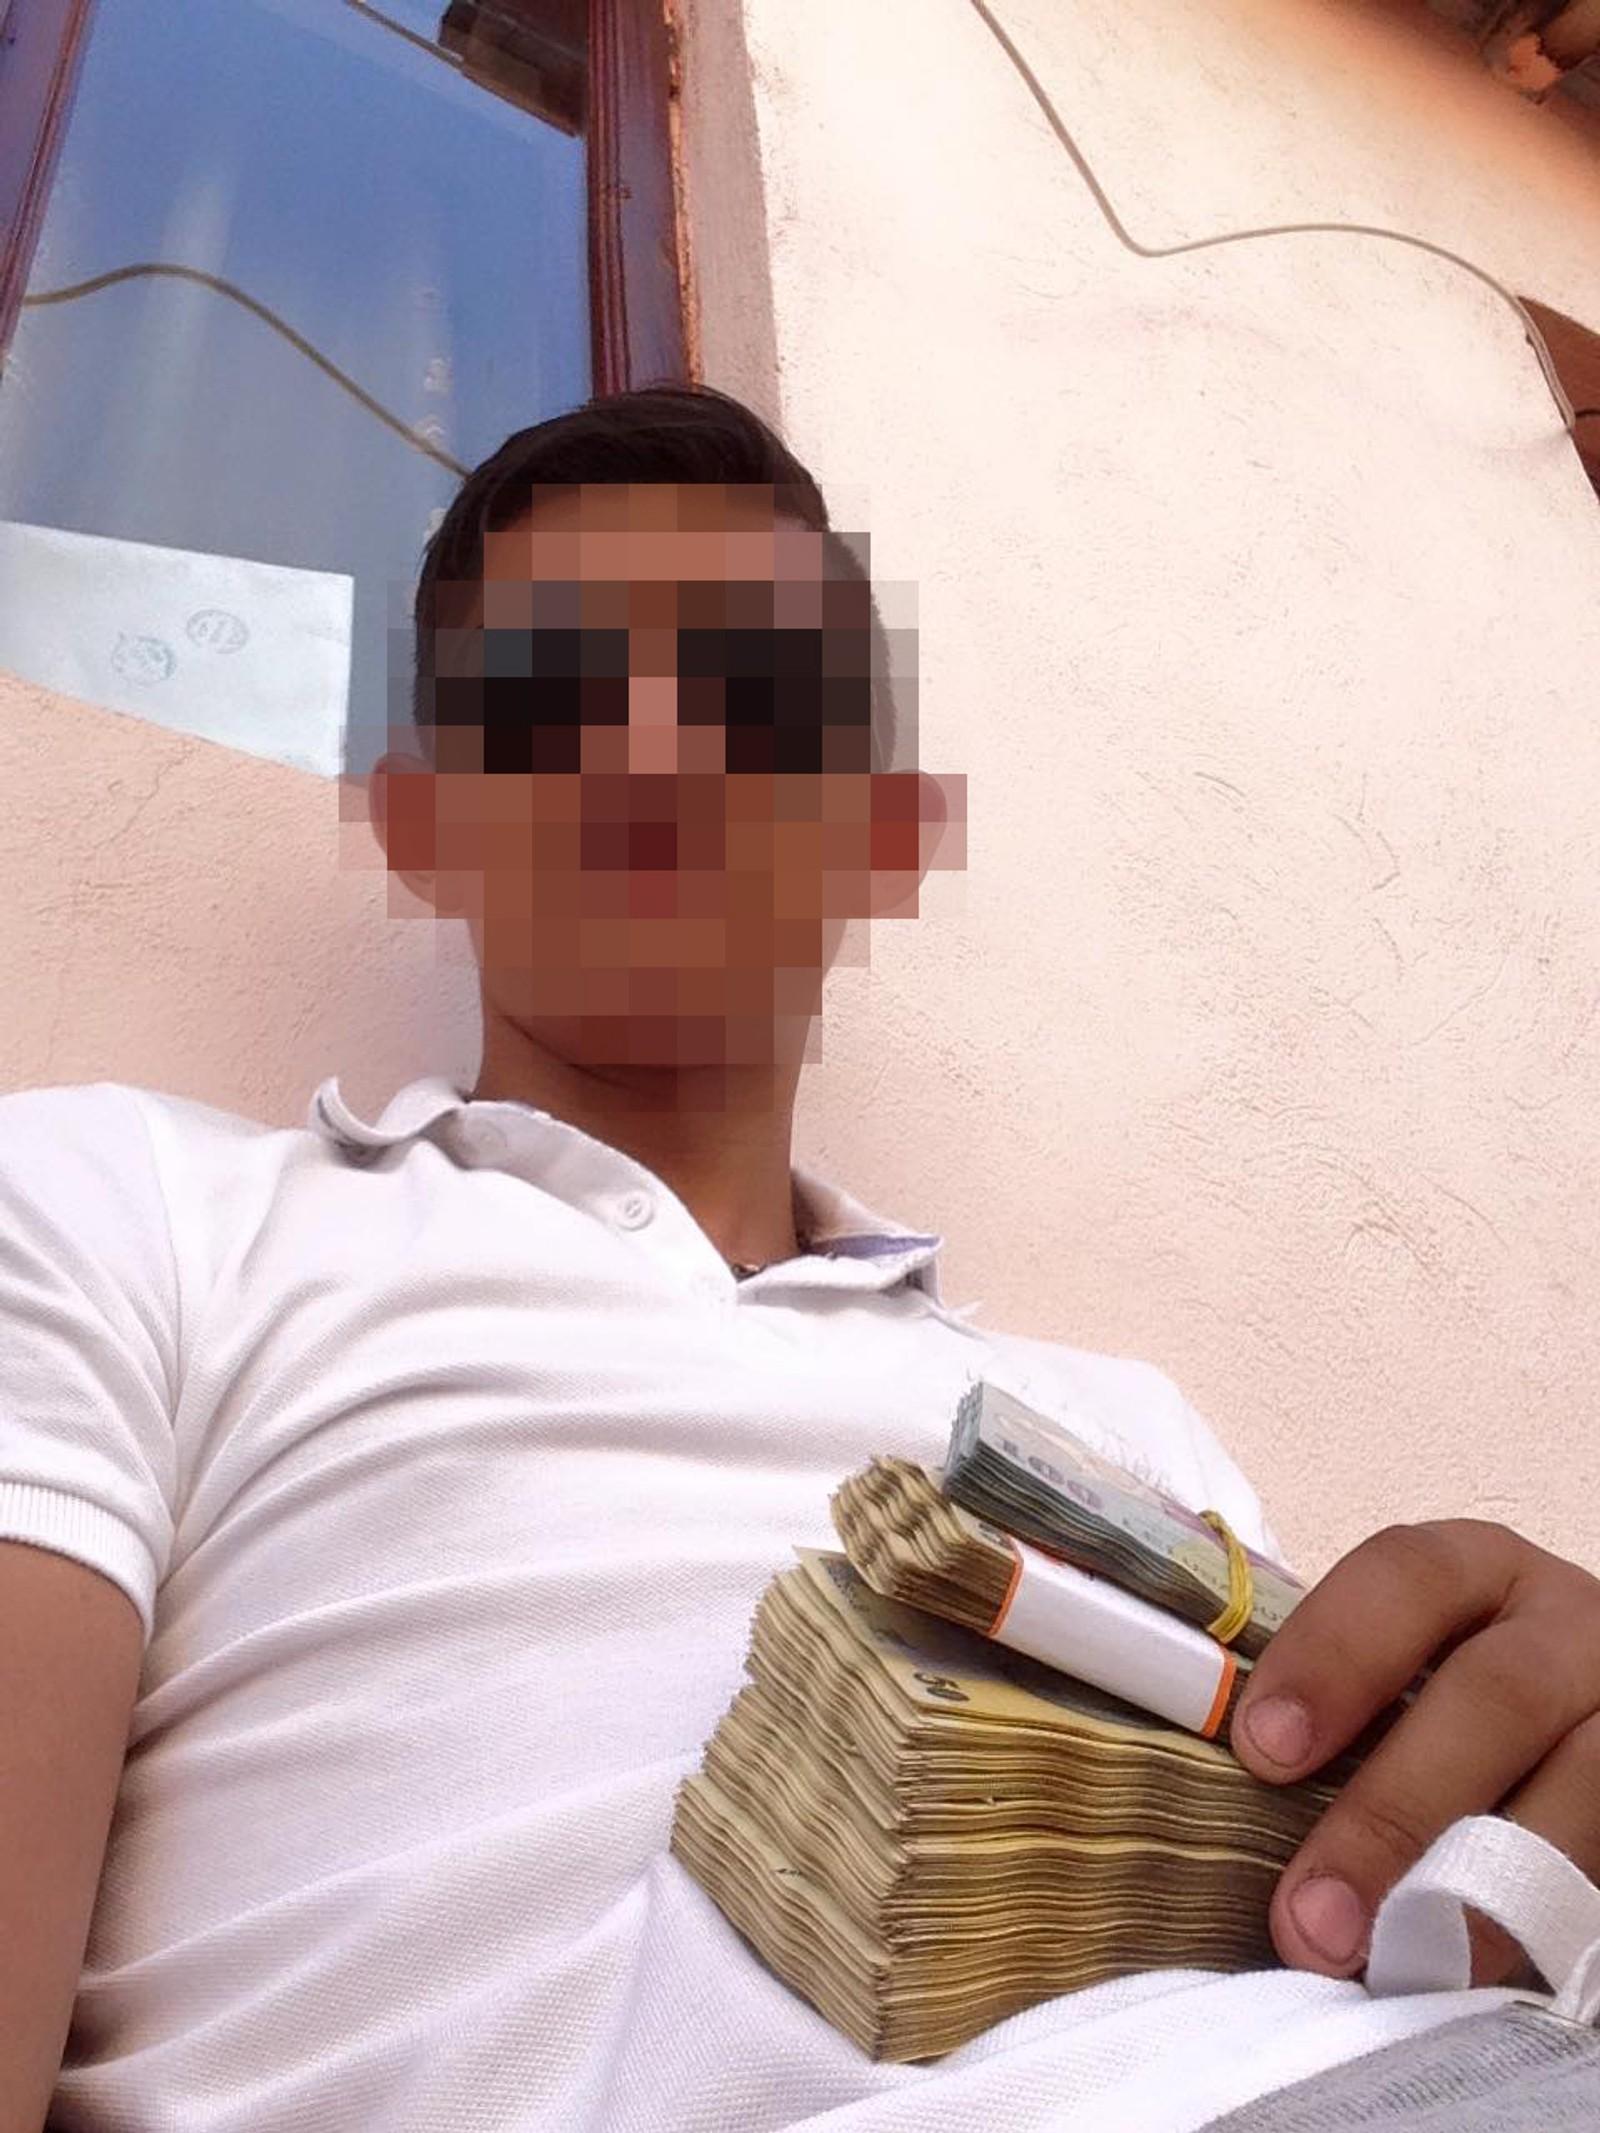 Mange publiserer bilder av seg selv med store pengebunker.